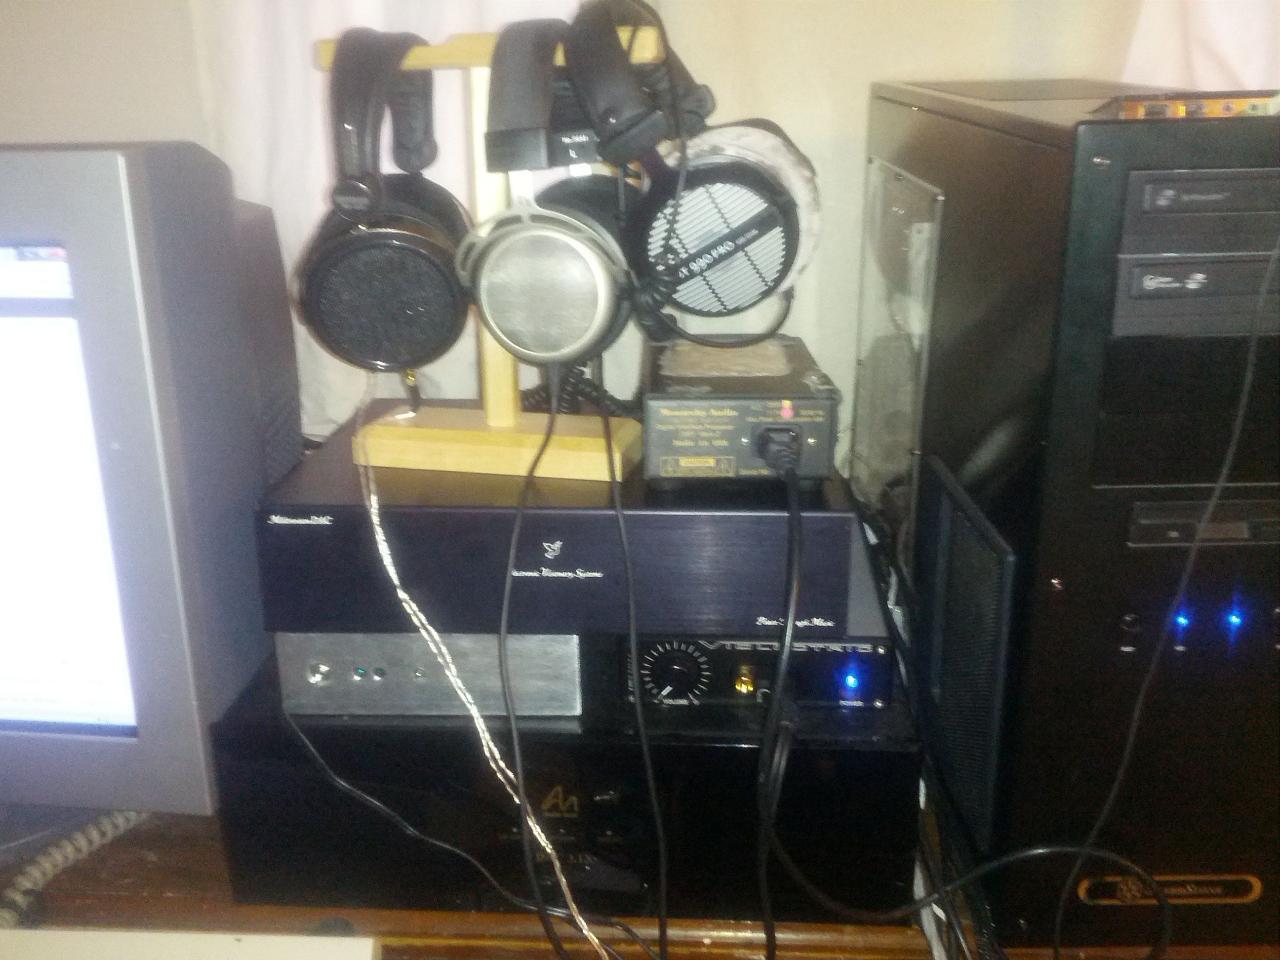 HE500/T1/DT990<br /> Monarchy DIP<br /> EVS Millennium II DAC<br /> Ack DAC/V200<br /> Audio...